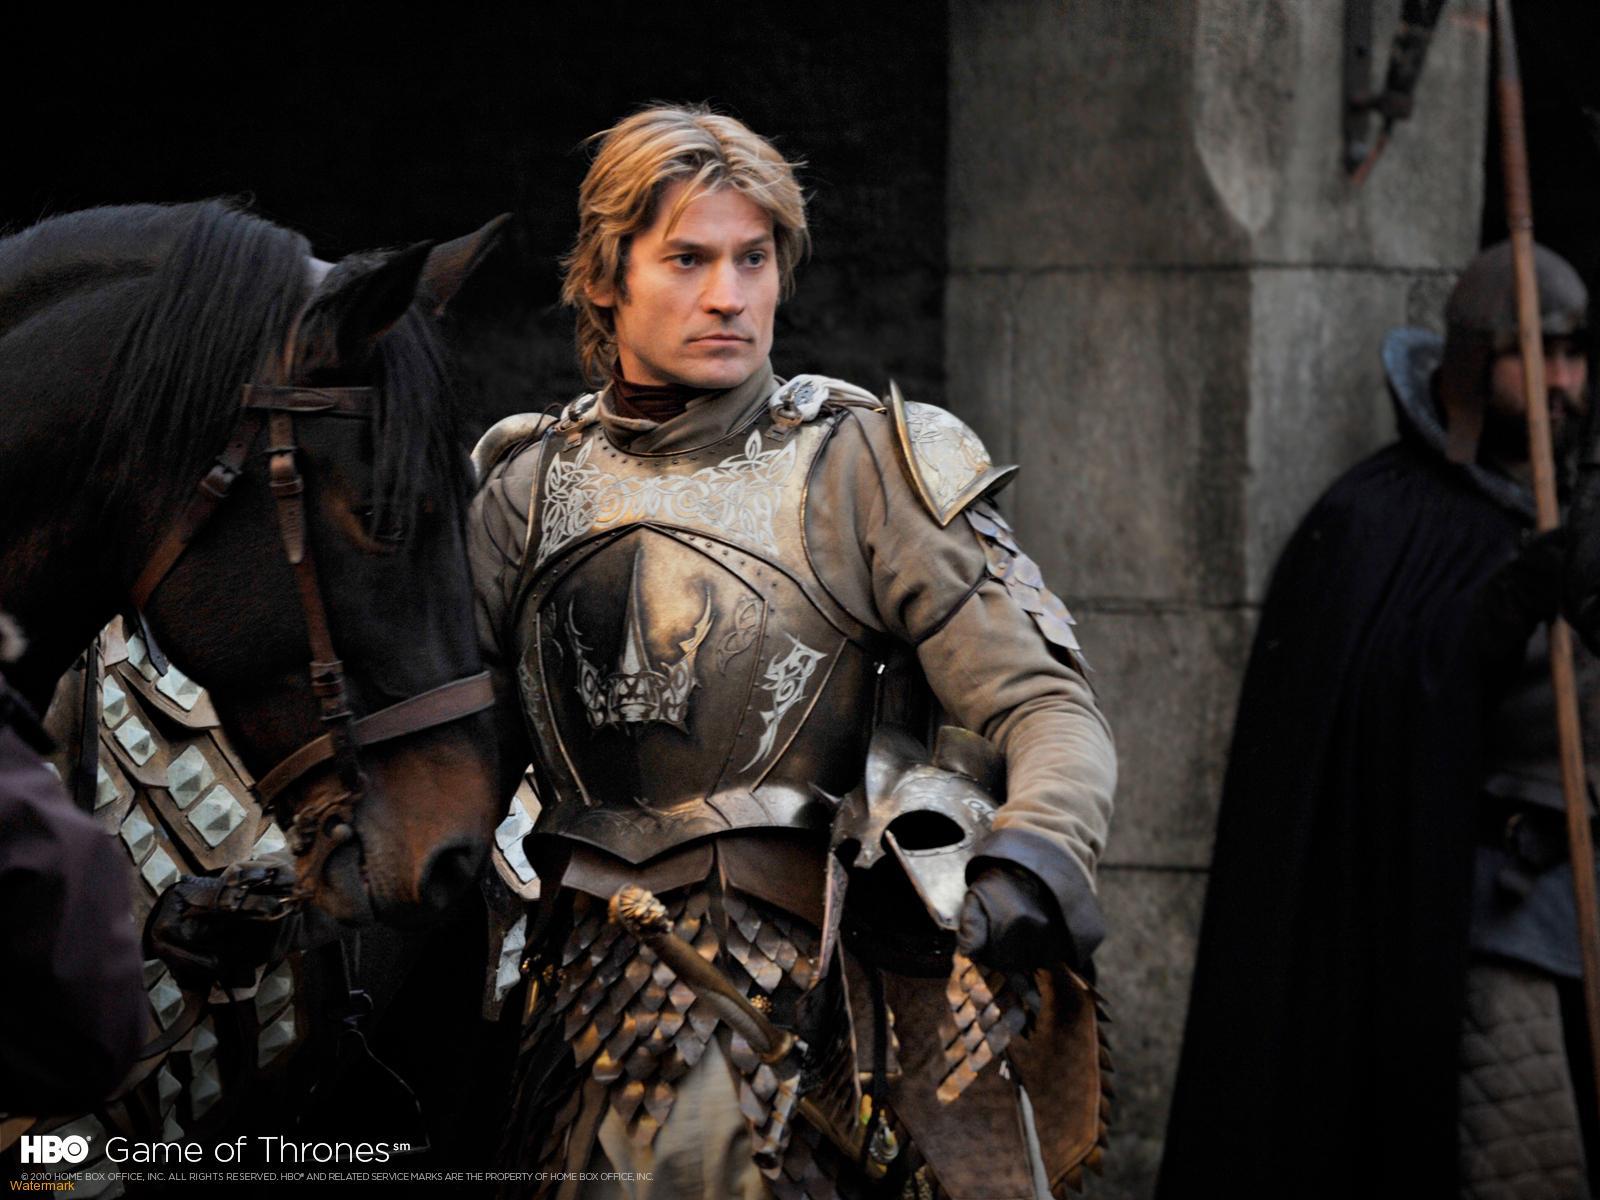 Game of Thrones - Jaime Lannister in Full Armor